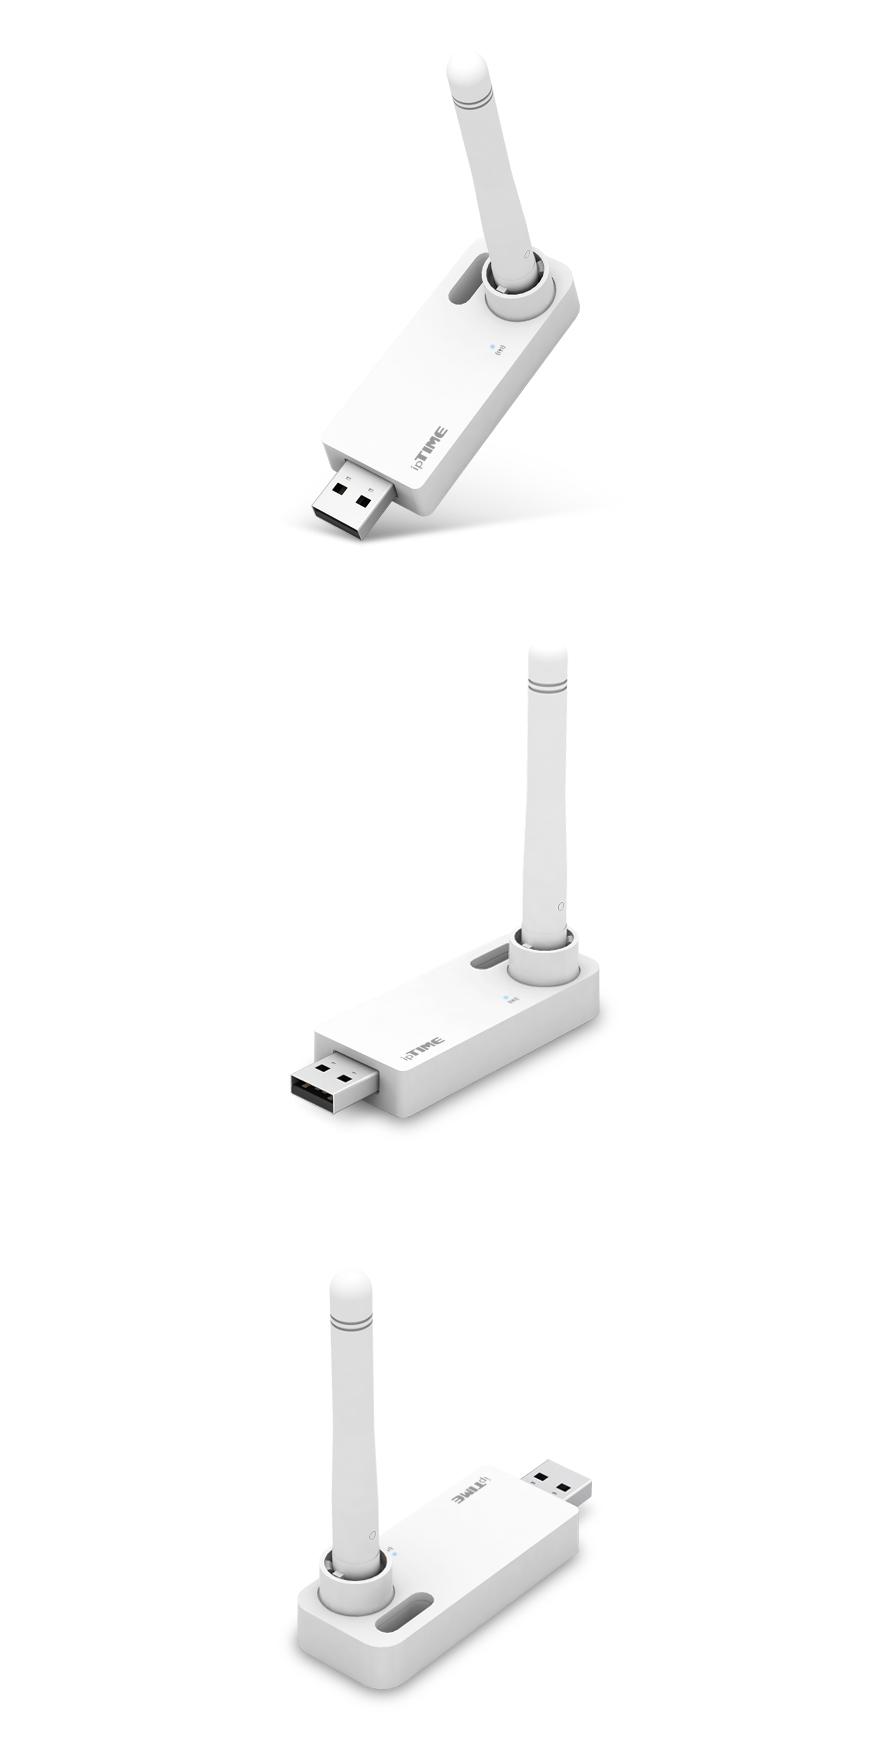 EFM ipTIME N150UA2 USB 2.0 무선 랜카드